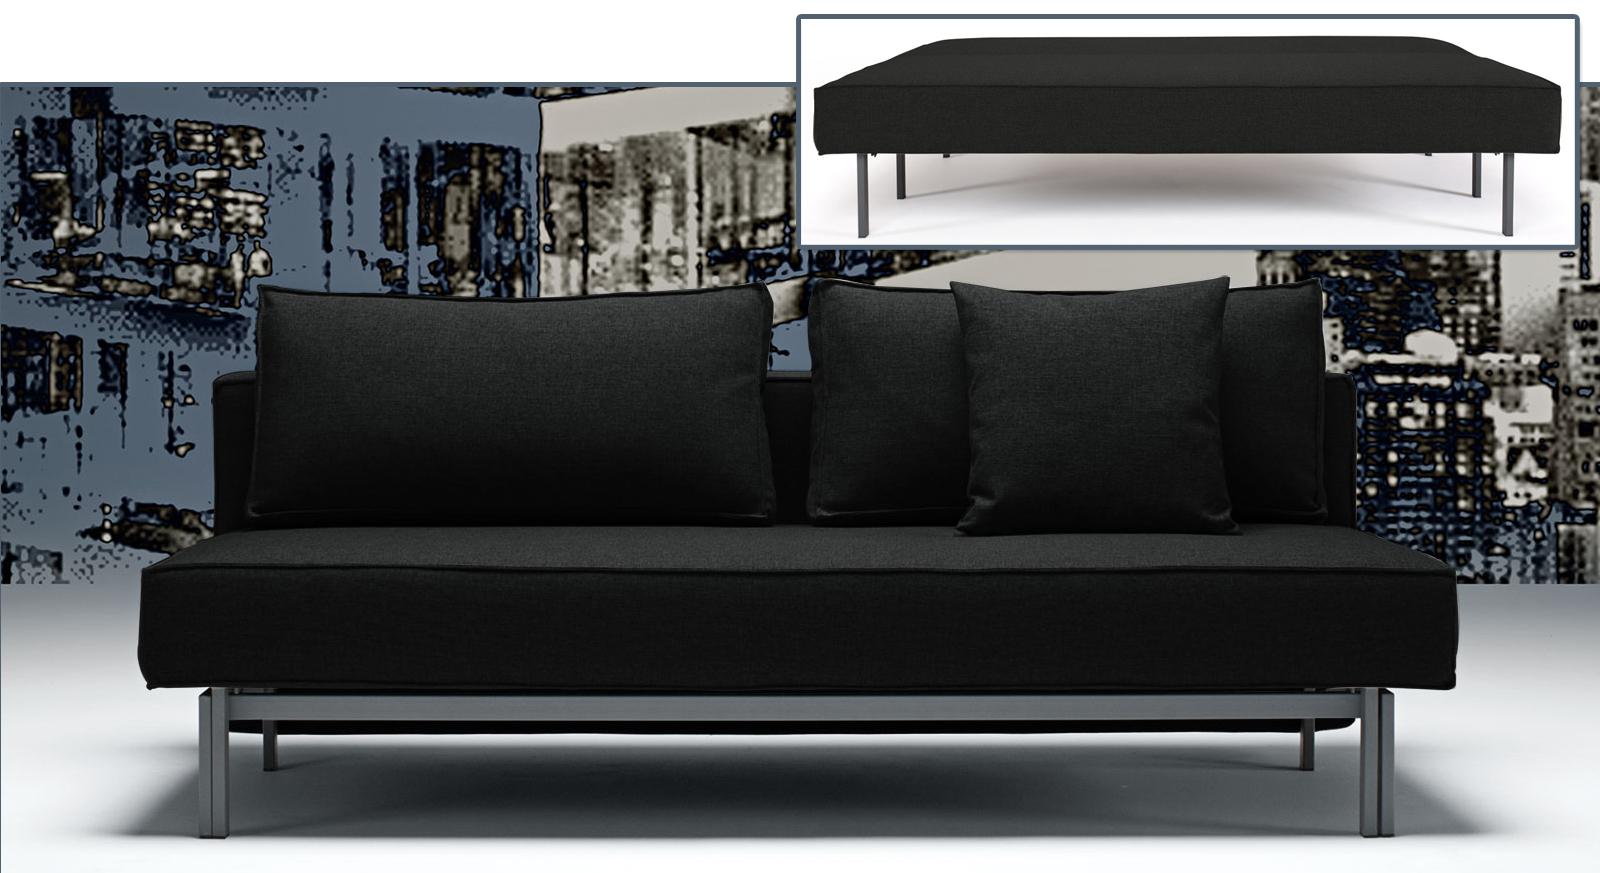 Full Size of Langes Sofa Lange Sofabord Lounge Tisch Sofakissen Lang Gerd Sofaborde Leder Worauf Man Beim Kauf Eines Sofas Zum Schlafen Achten Sollte Türkische Mit Sofa Langes Sofa